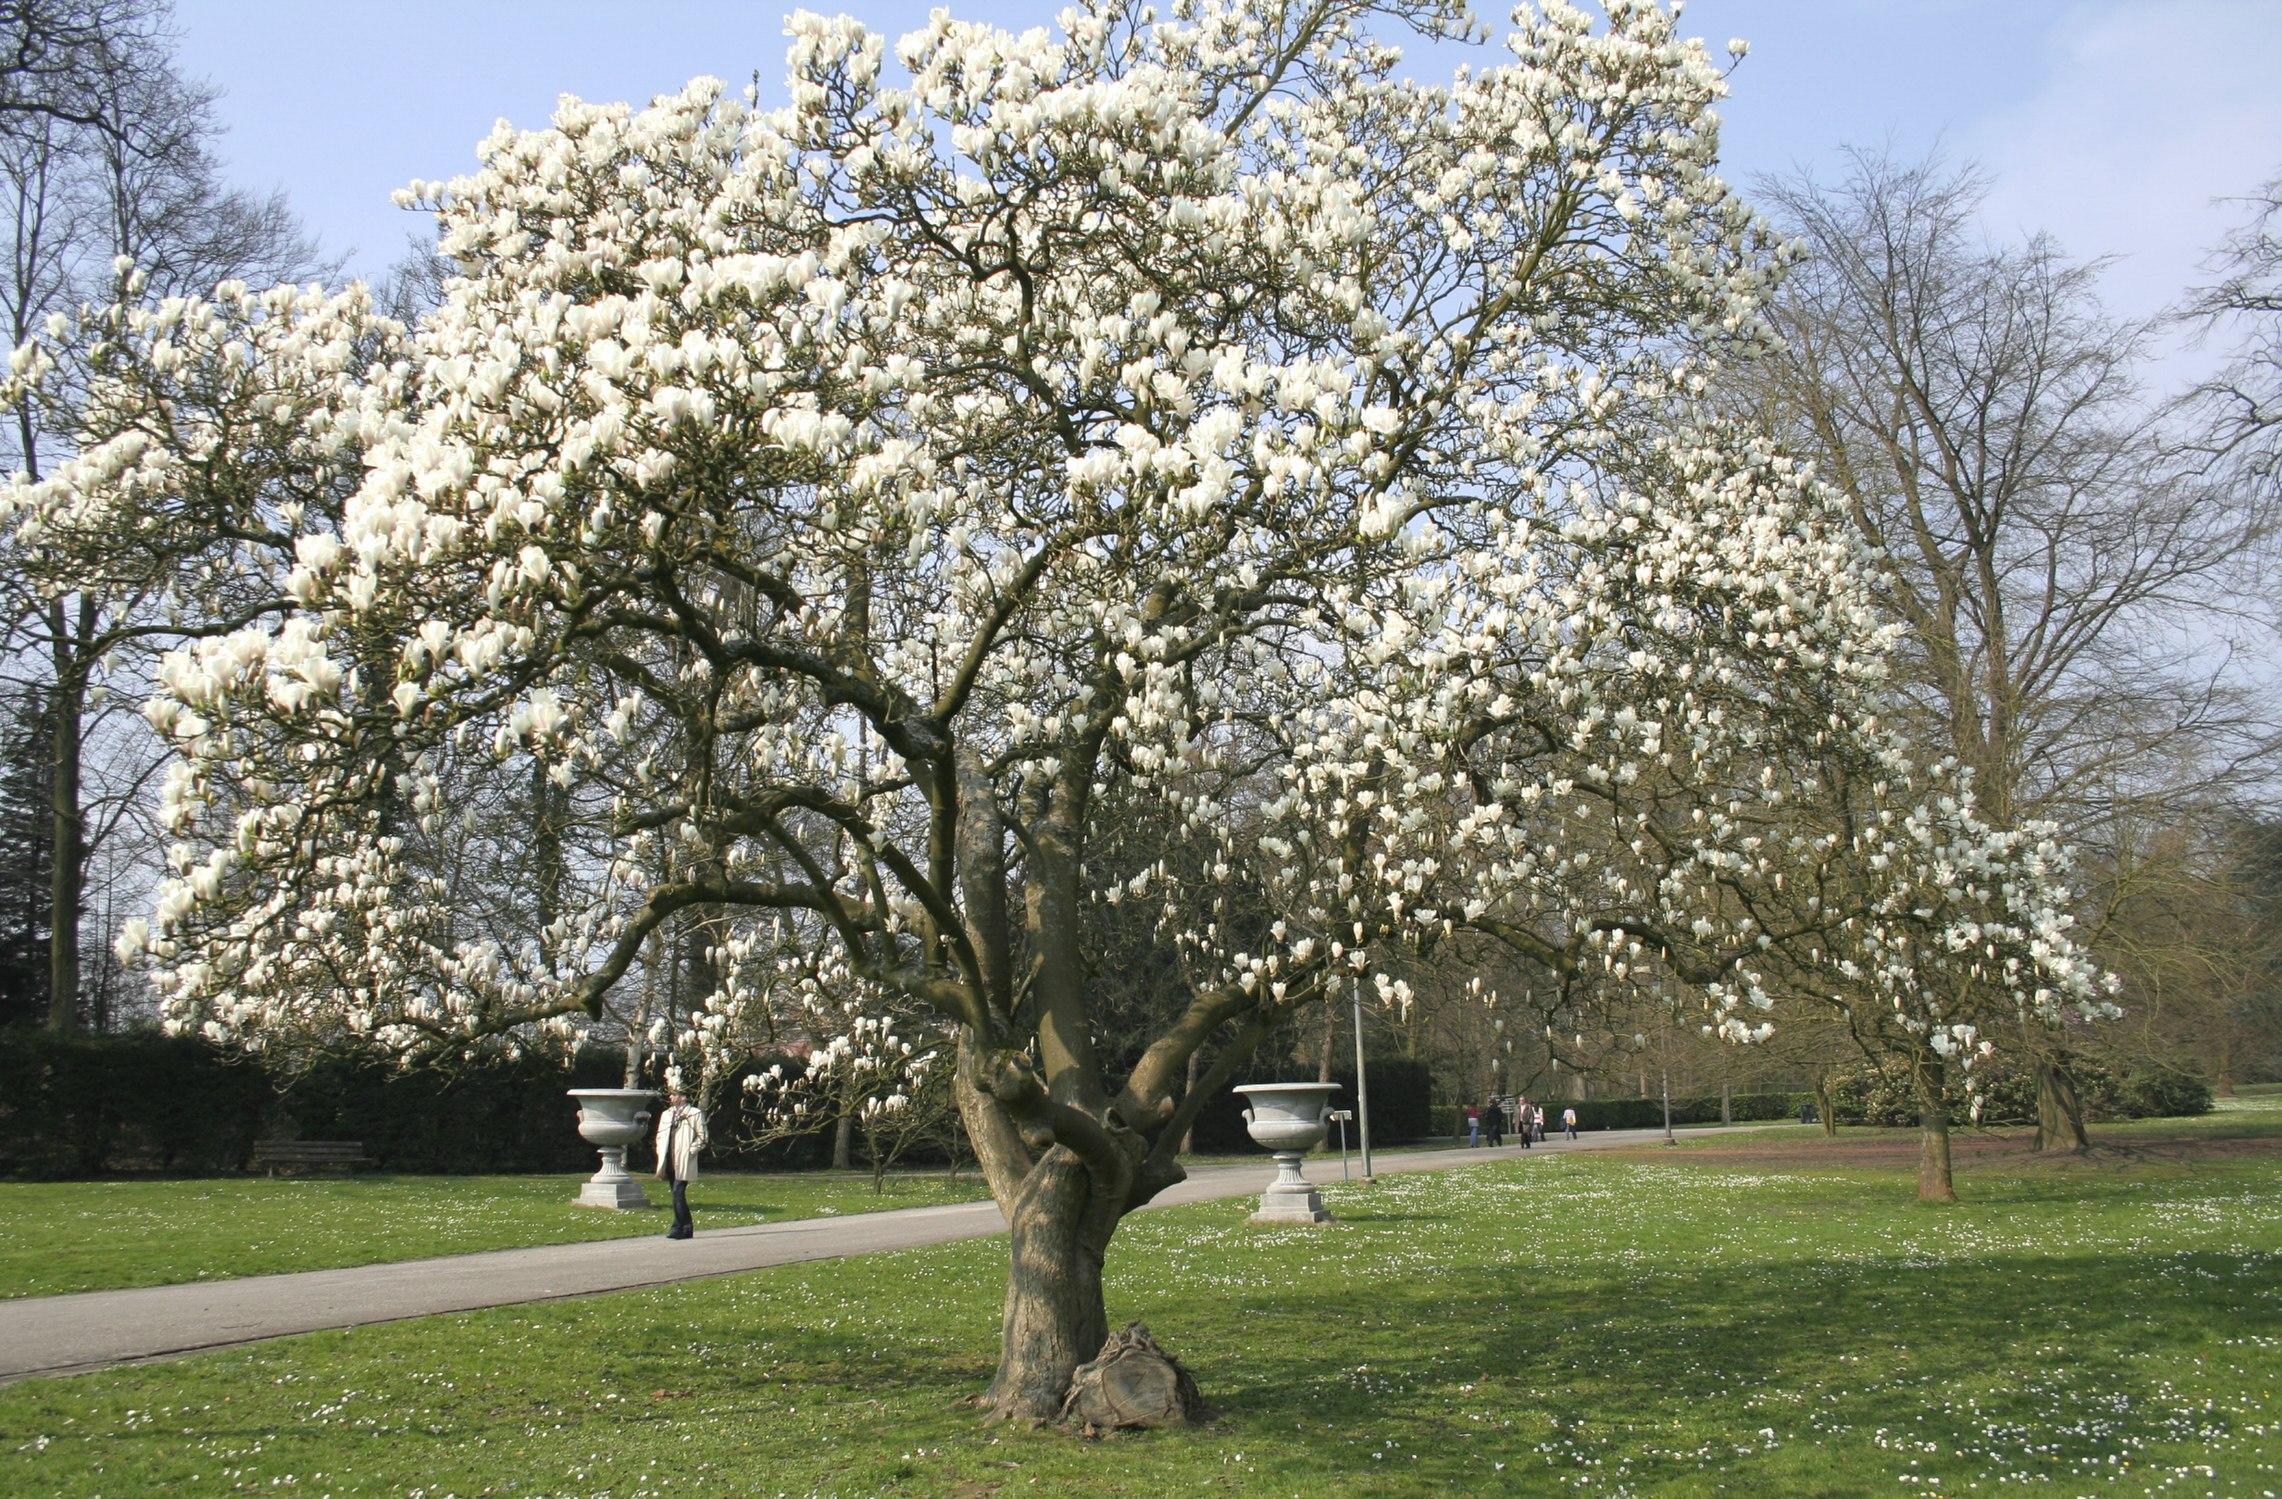 Magnolia Kompletna Informacja I Sprzedaż Online Z Bezpłatną